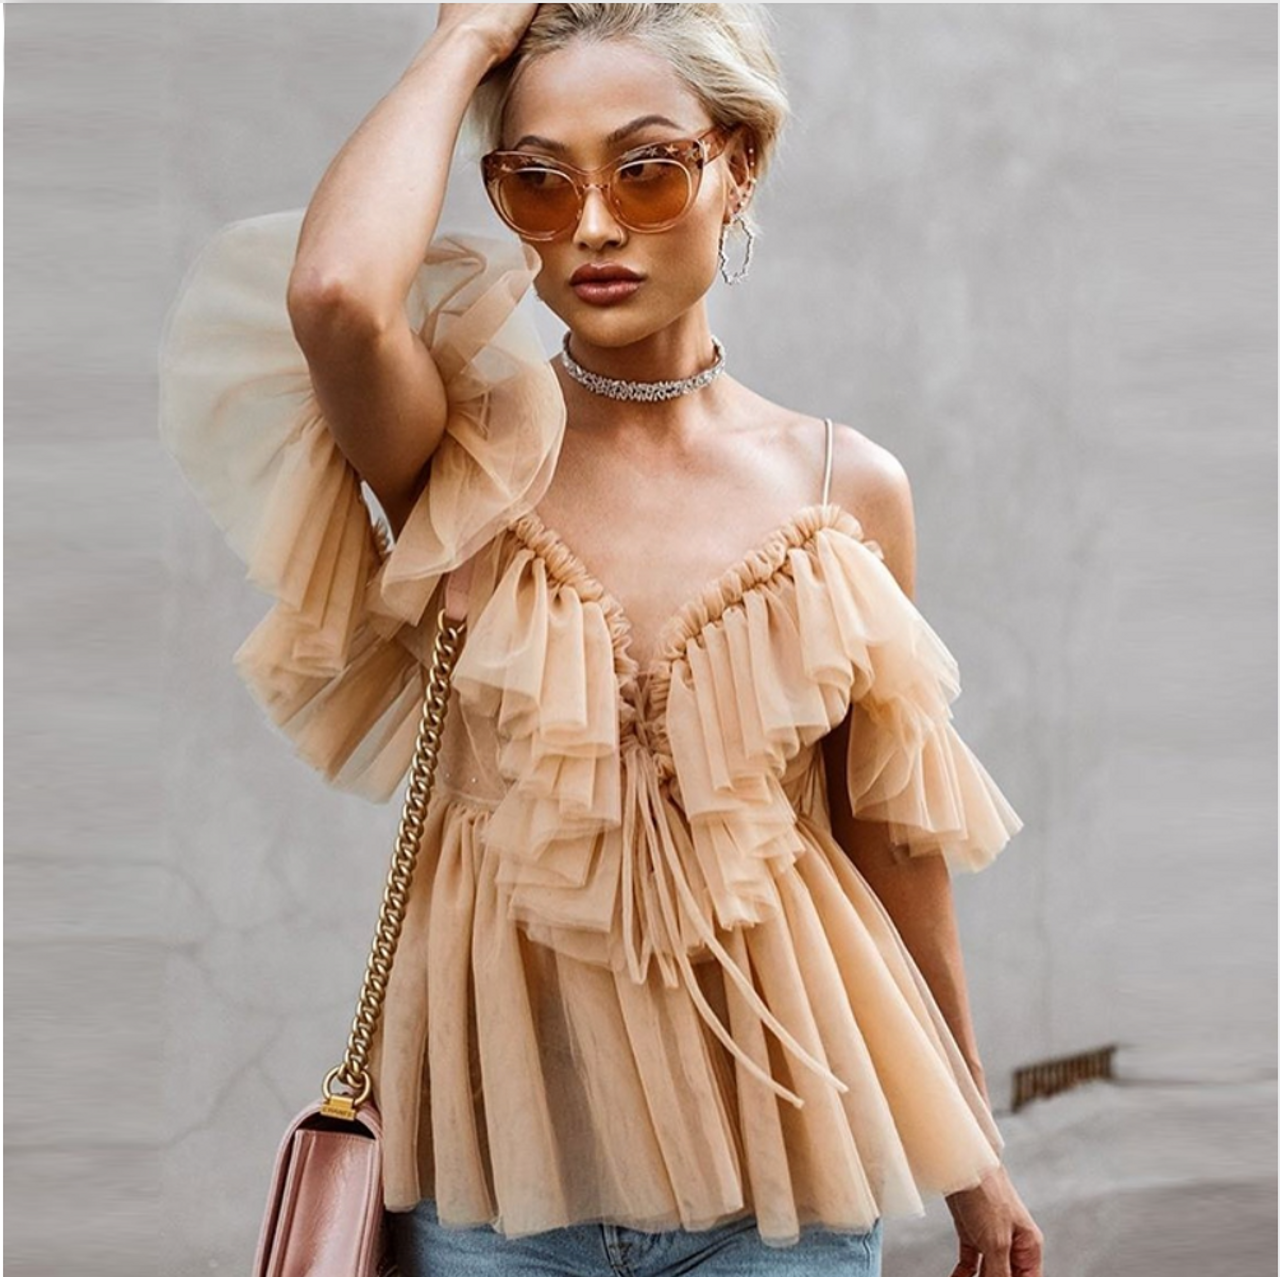 Backless v neck sexy blouse summer 2018 Strap ruffle mesh blouse shirt women  Off shoulder peplum ... f484b326def0